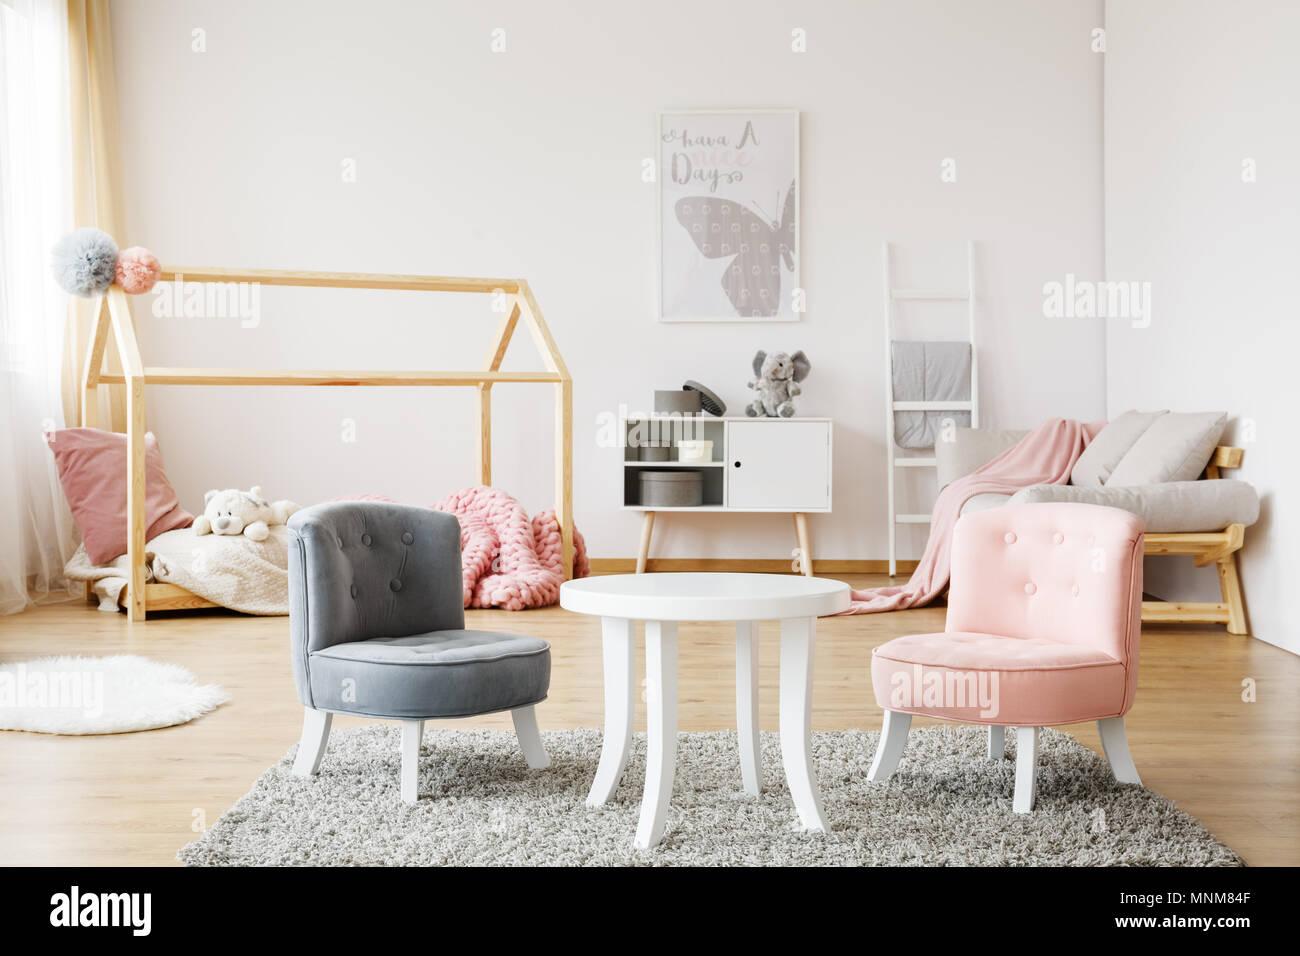 Grau Und Rosa Kleines Susses Stuhle Stehen Auf Weichen Teppich In